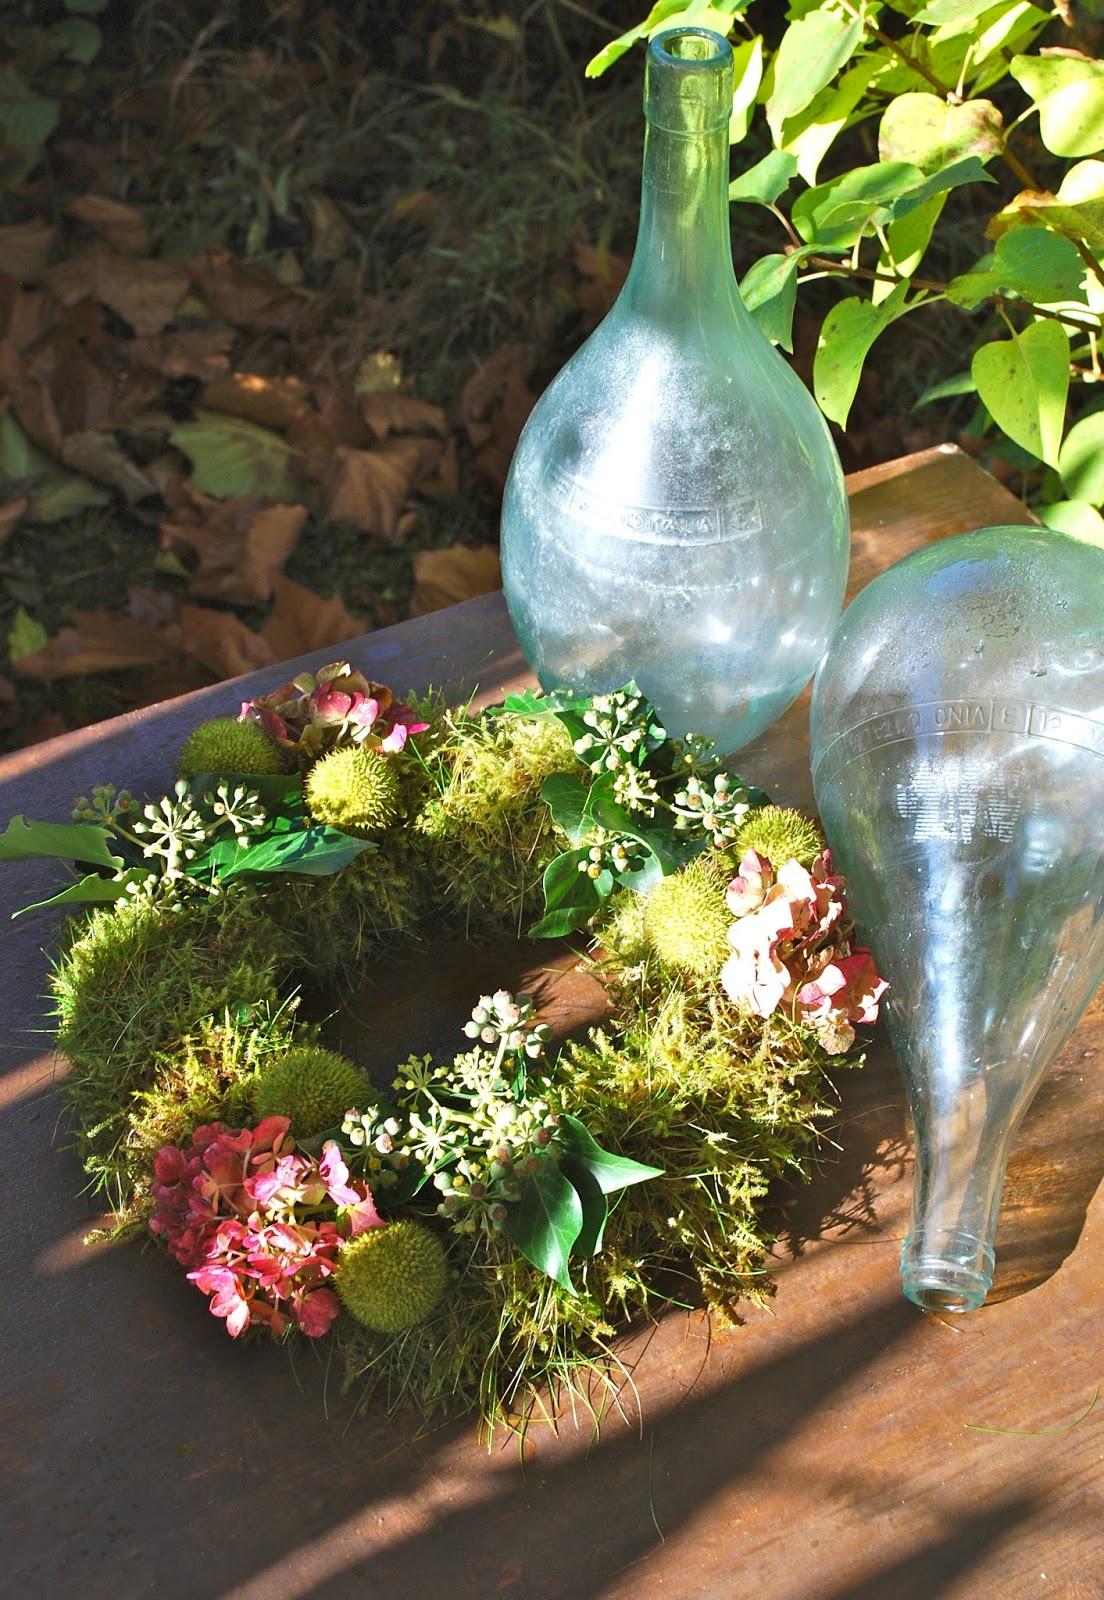 Herbstliche gartendekoration mamas kram bloglovin for Gartendekoration garten